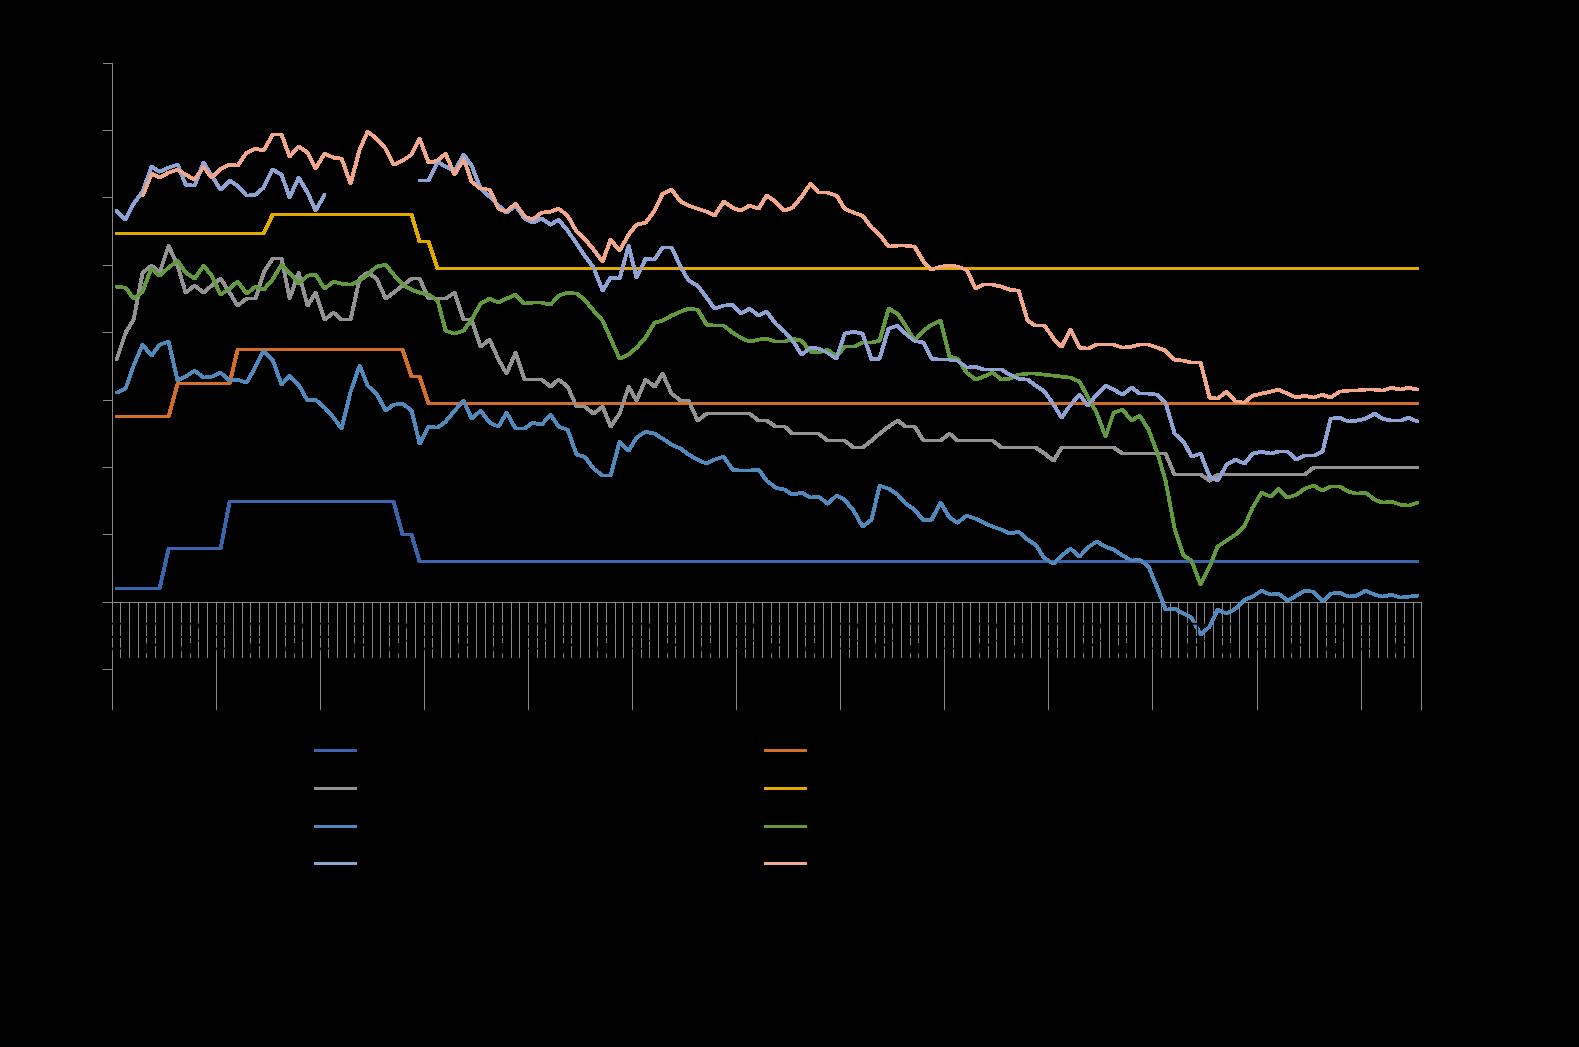 長期プライムルート・短期プライムルート・賃貸住宅ローン金利の推移|資産活用総研 大鏡建設